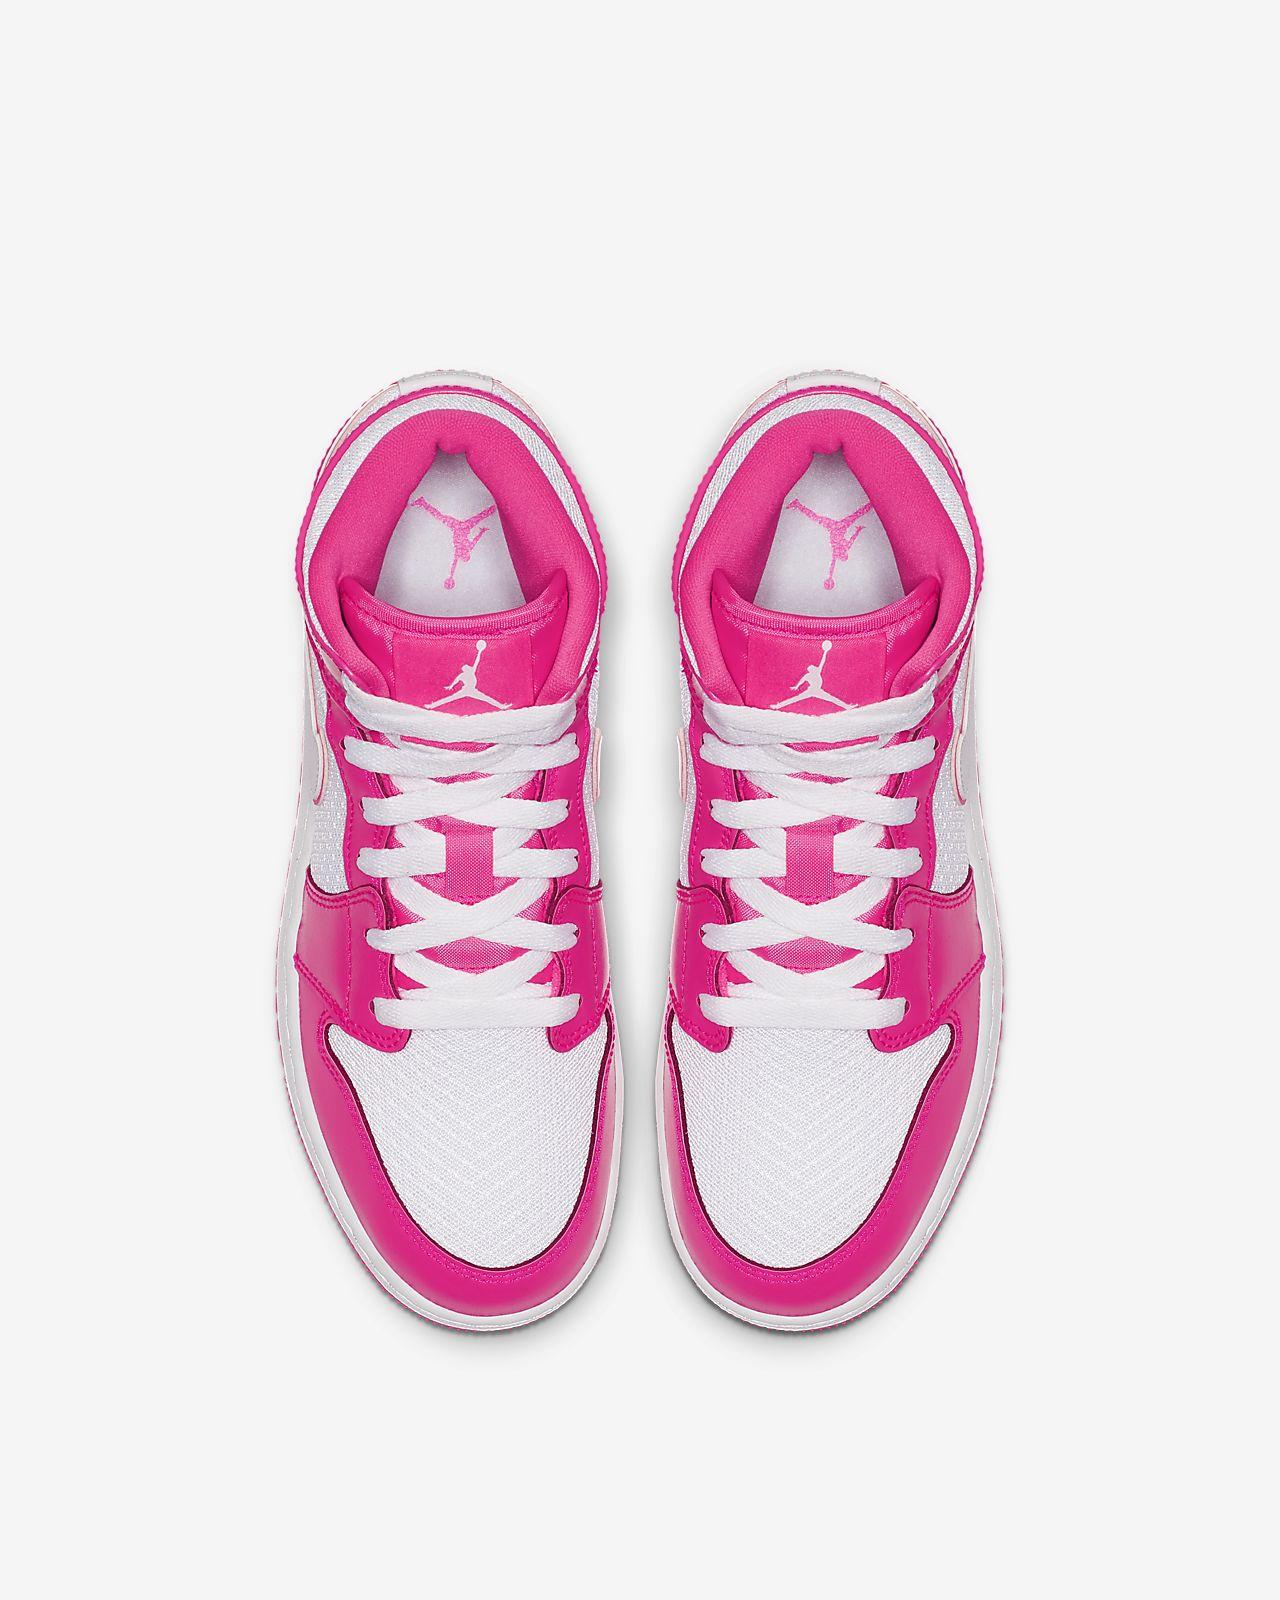 cc533a8f740d Air Jordan 1 Mid Big Kids  Shoe. Nike.com